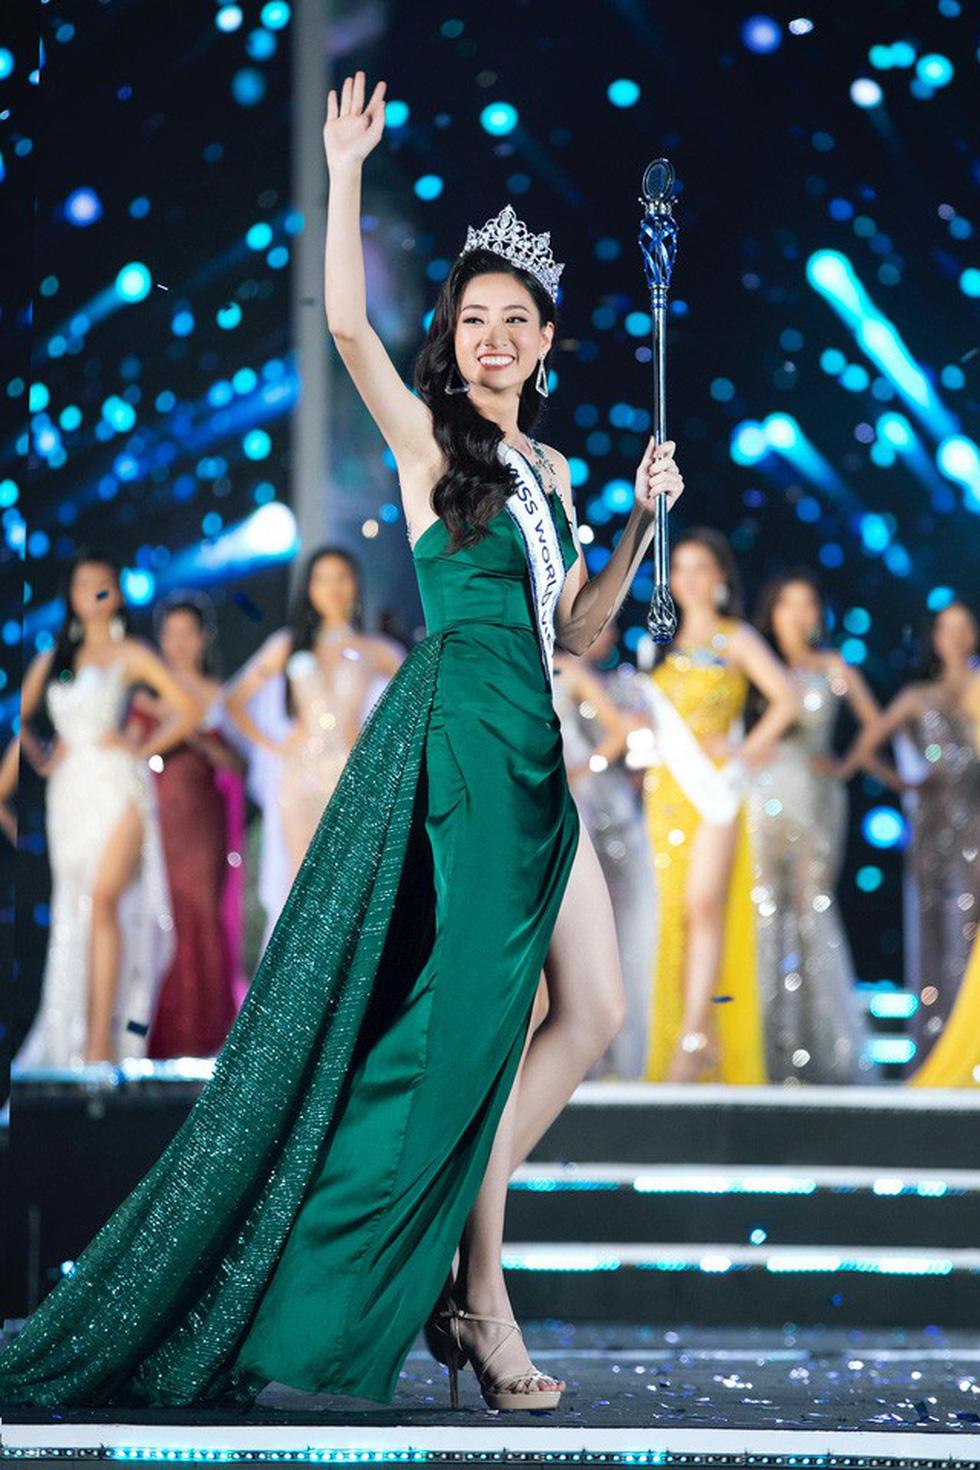 Hoa hậu Lương Thùy Linh: Tập trung hết sức vào việc học nên chưa có bạn trai - Ảnh 3.